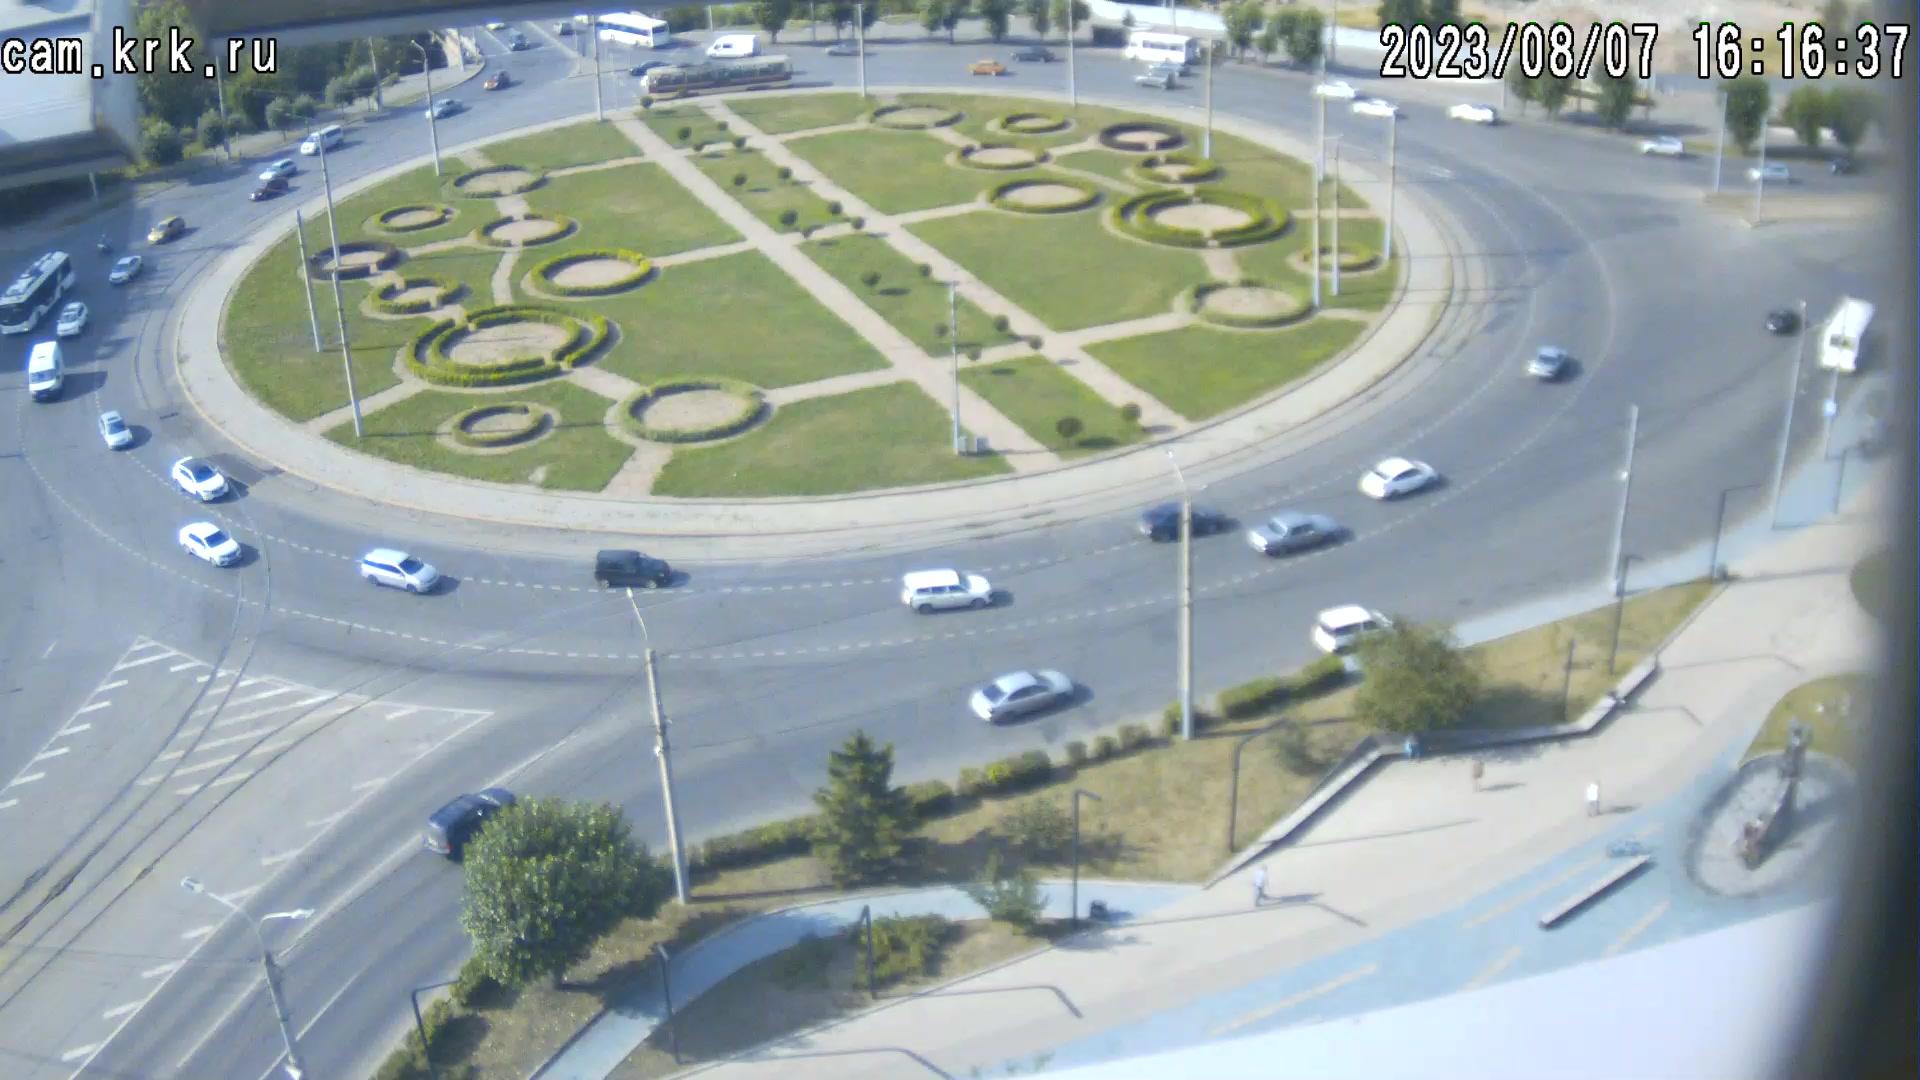 Веб камера Красноярск Арбат